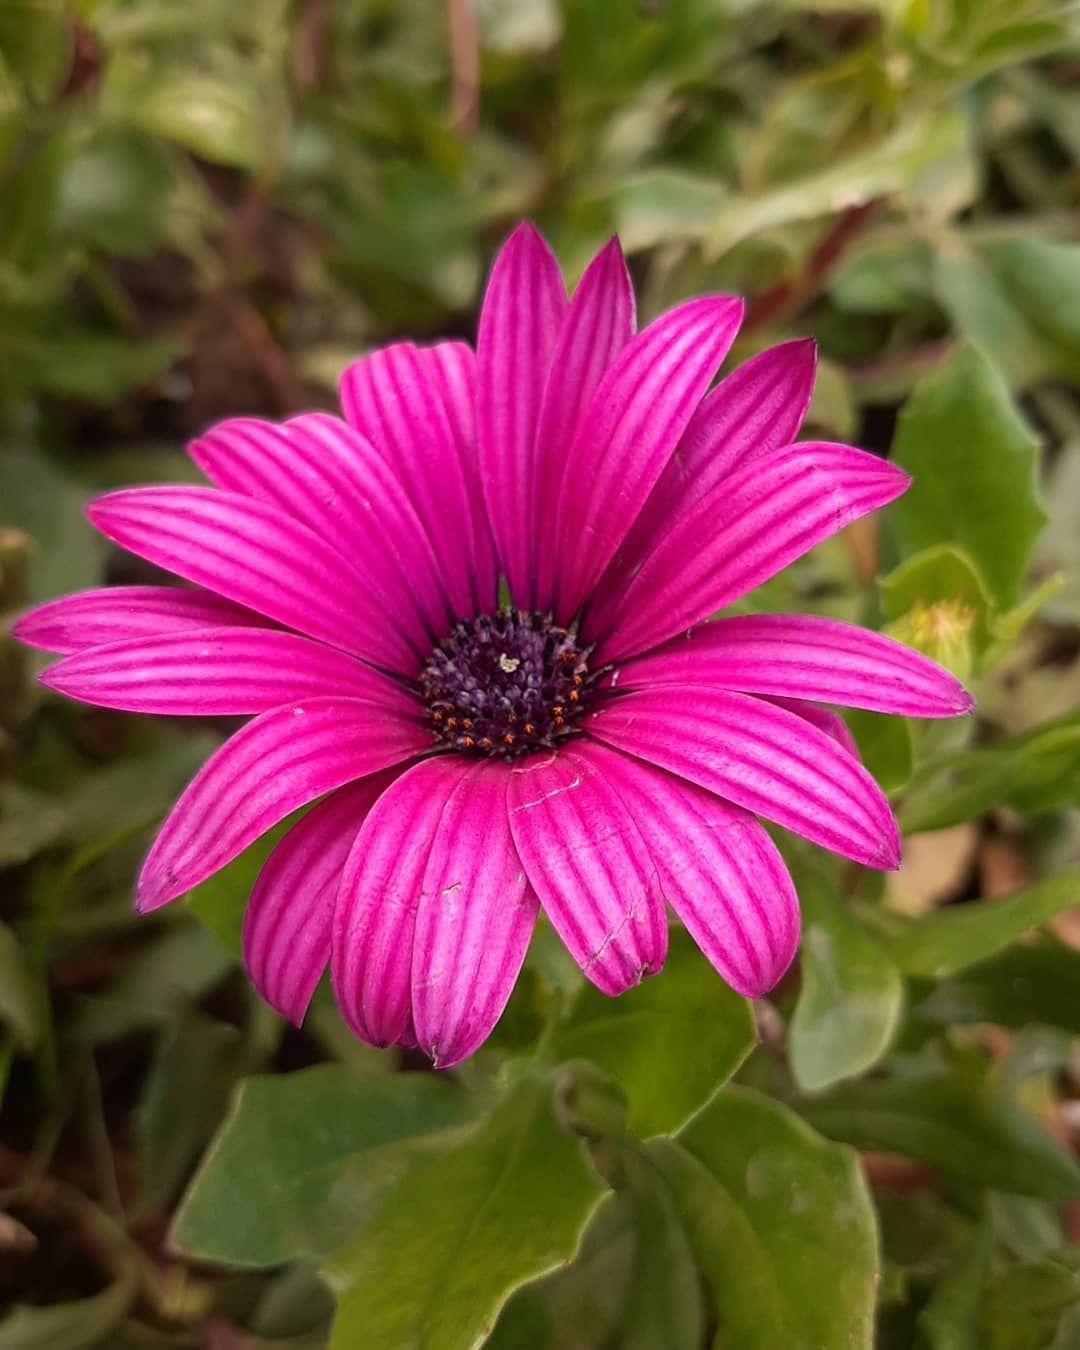 #flowerdesign #flowery #flower_perfection #flowersoftheday #flowering #flowersta... #flower #flower_daily #flower_igers #flower_perfection #flower_special_ #flowerarrangement #flowerbouquet